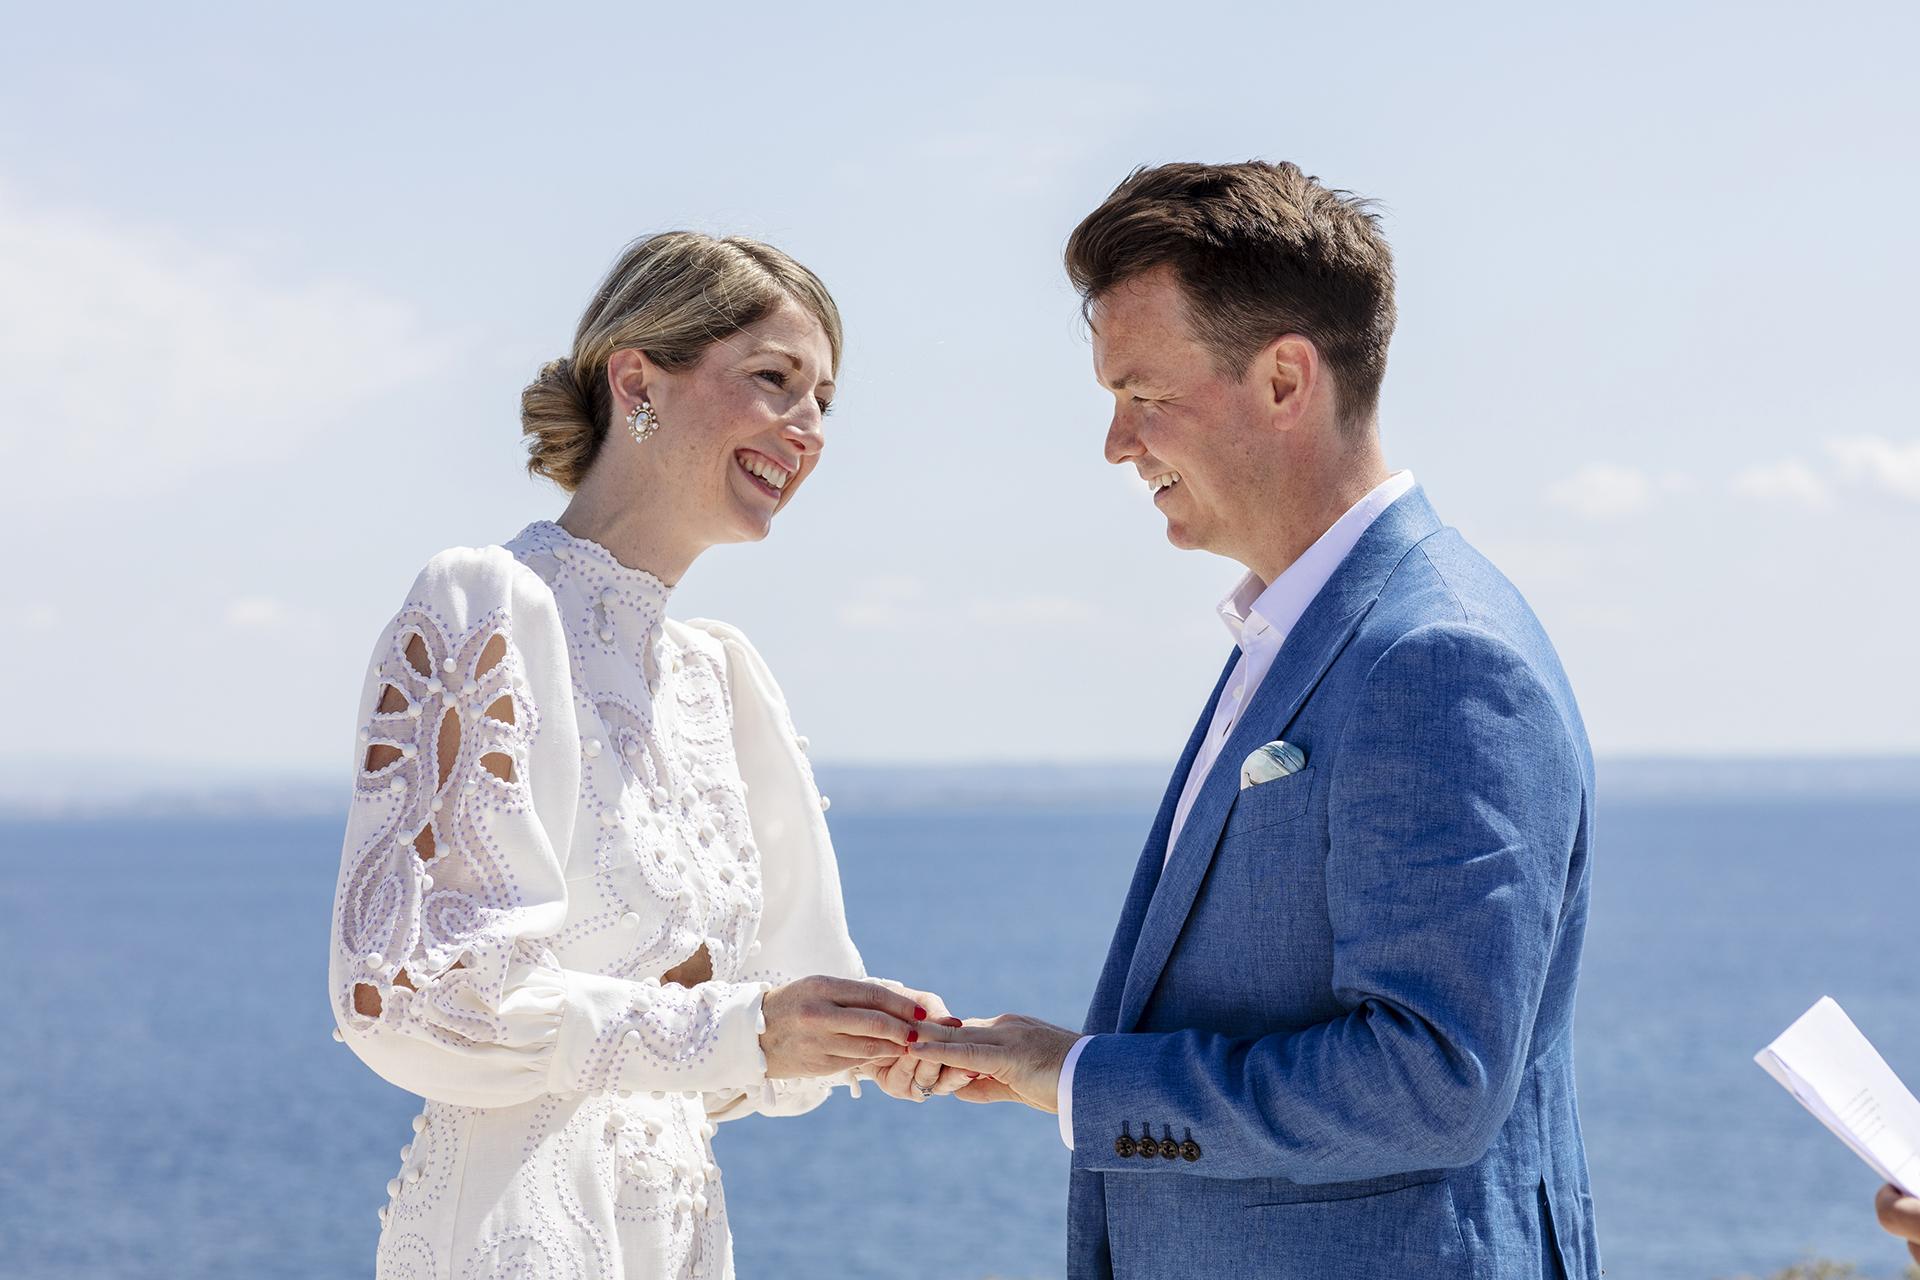 Cala Bue Marino, Favignana-eiland, Sicilië - Elopement-foto - Bruid / bruidegom maakten hun droom om trouwringen op zee uit te wisselen.